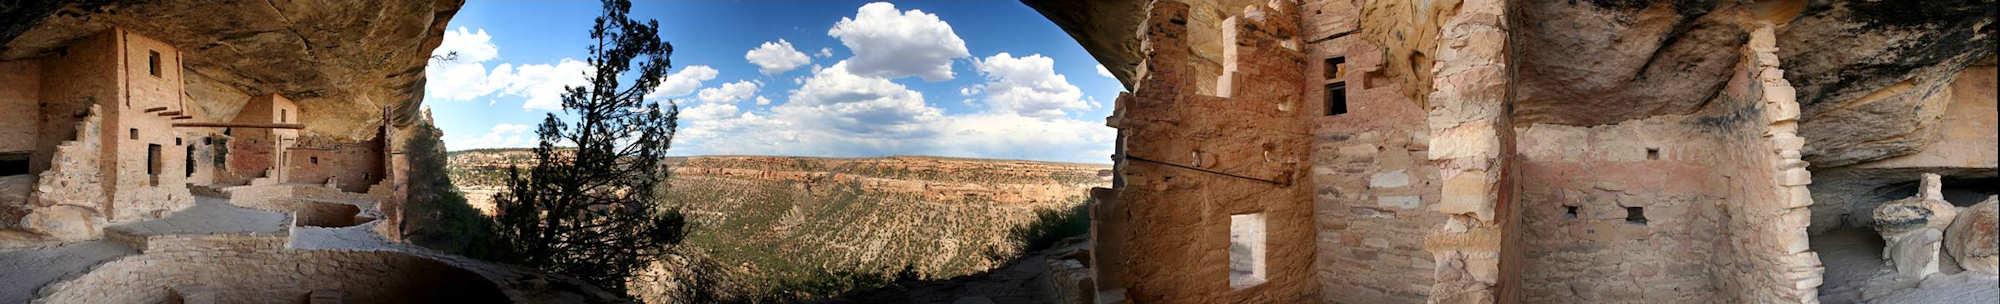 Visiter Mesa Verde National Park